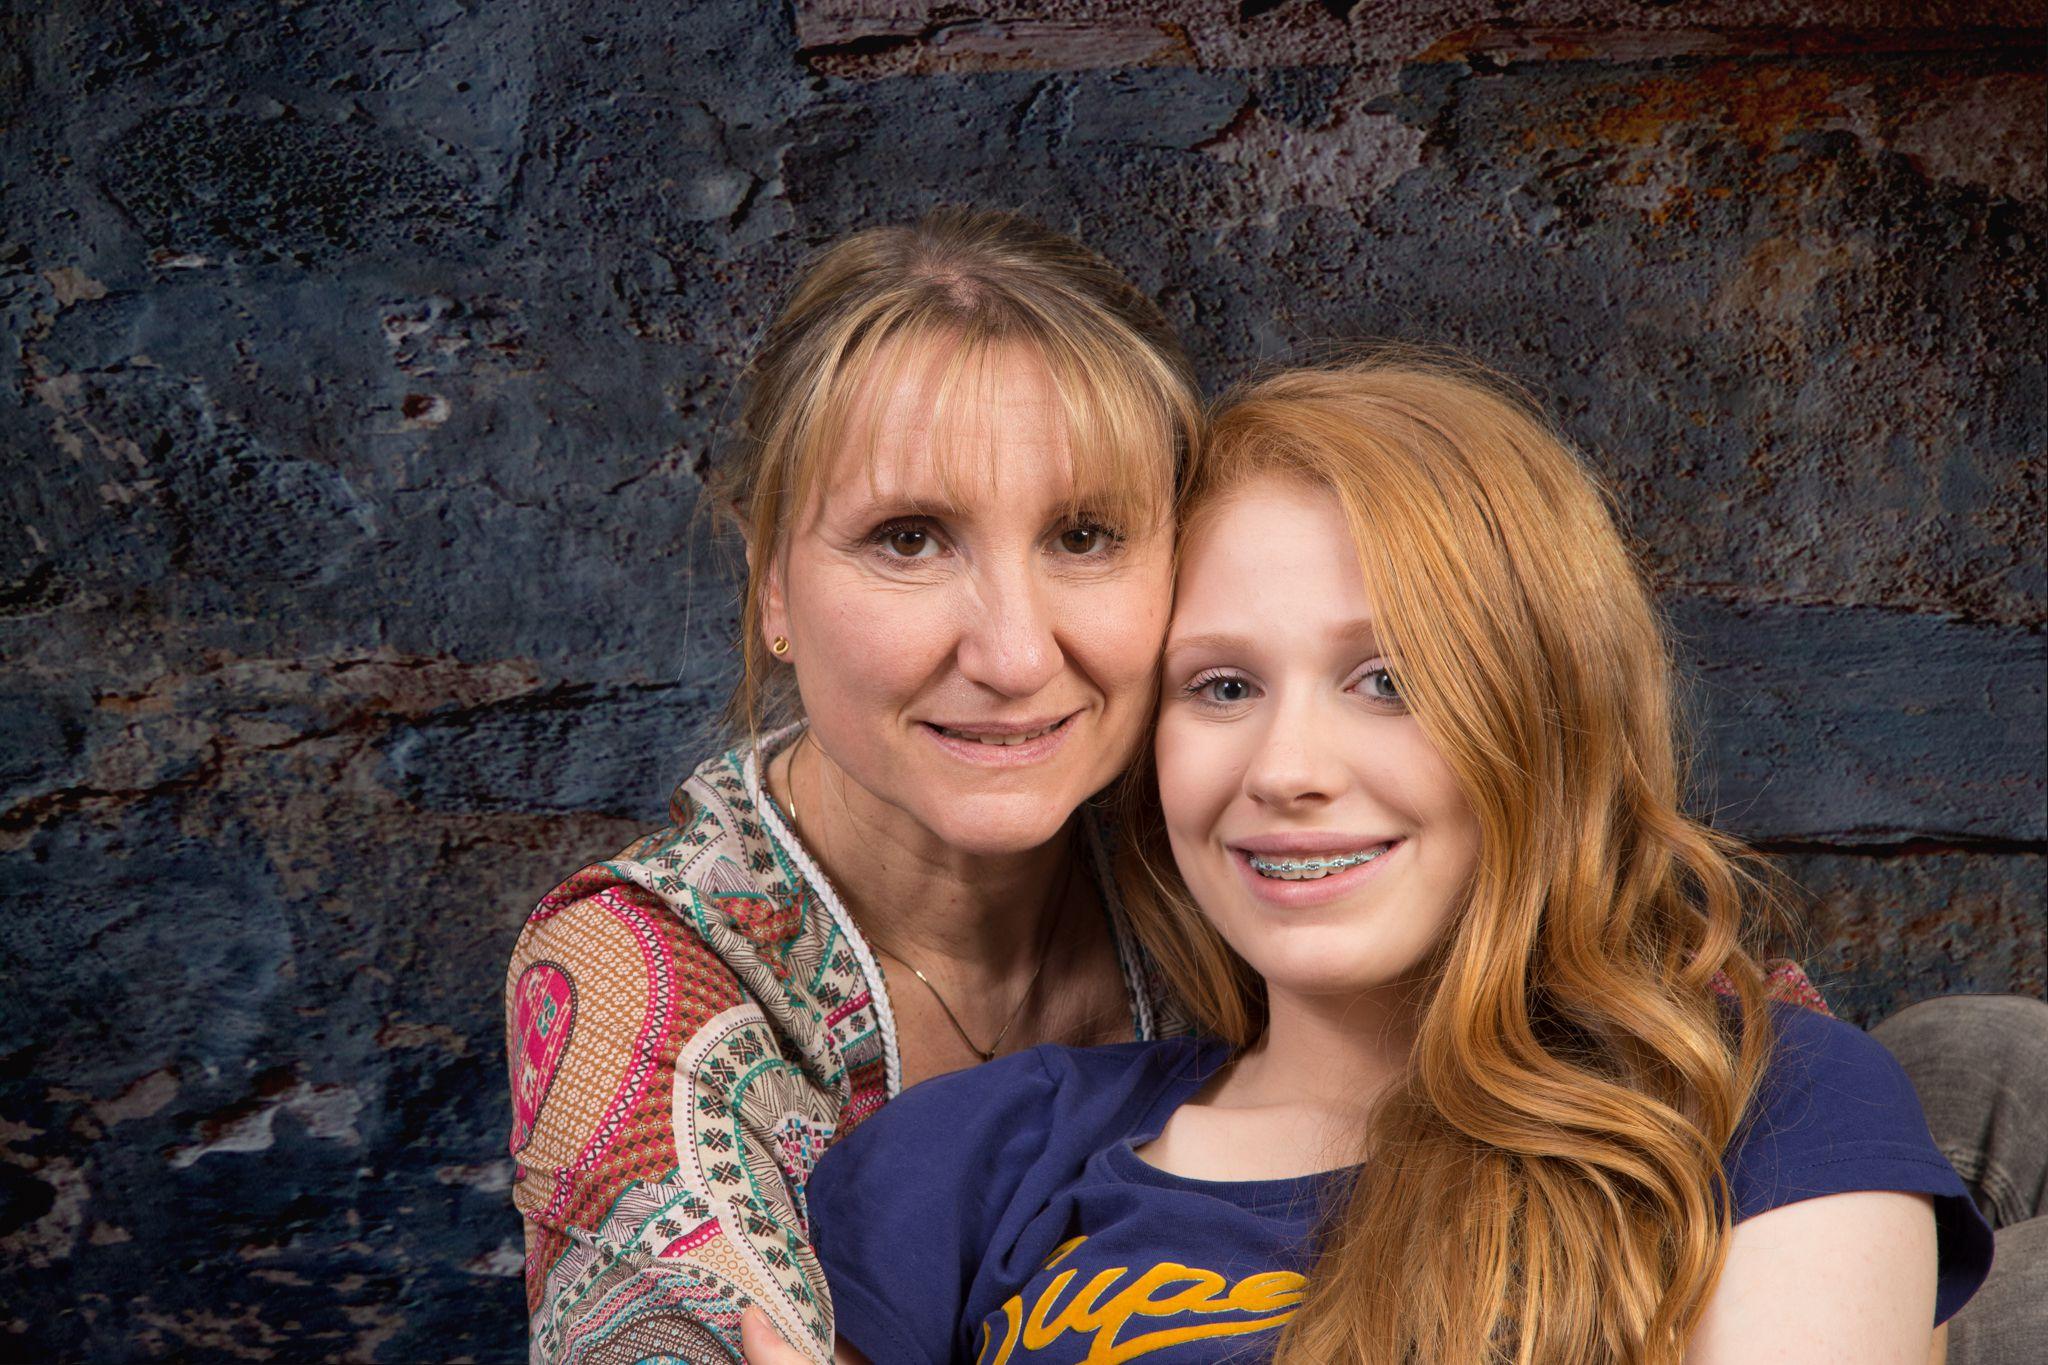 Family portrait photographer, family portraits, portrait photography